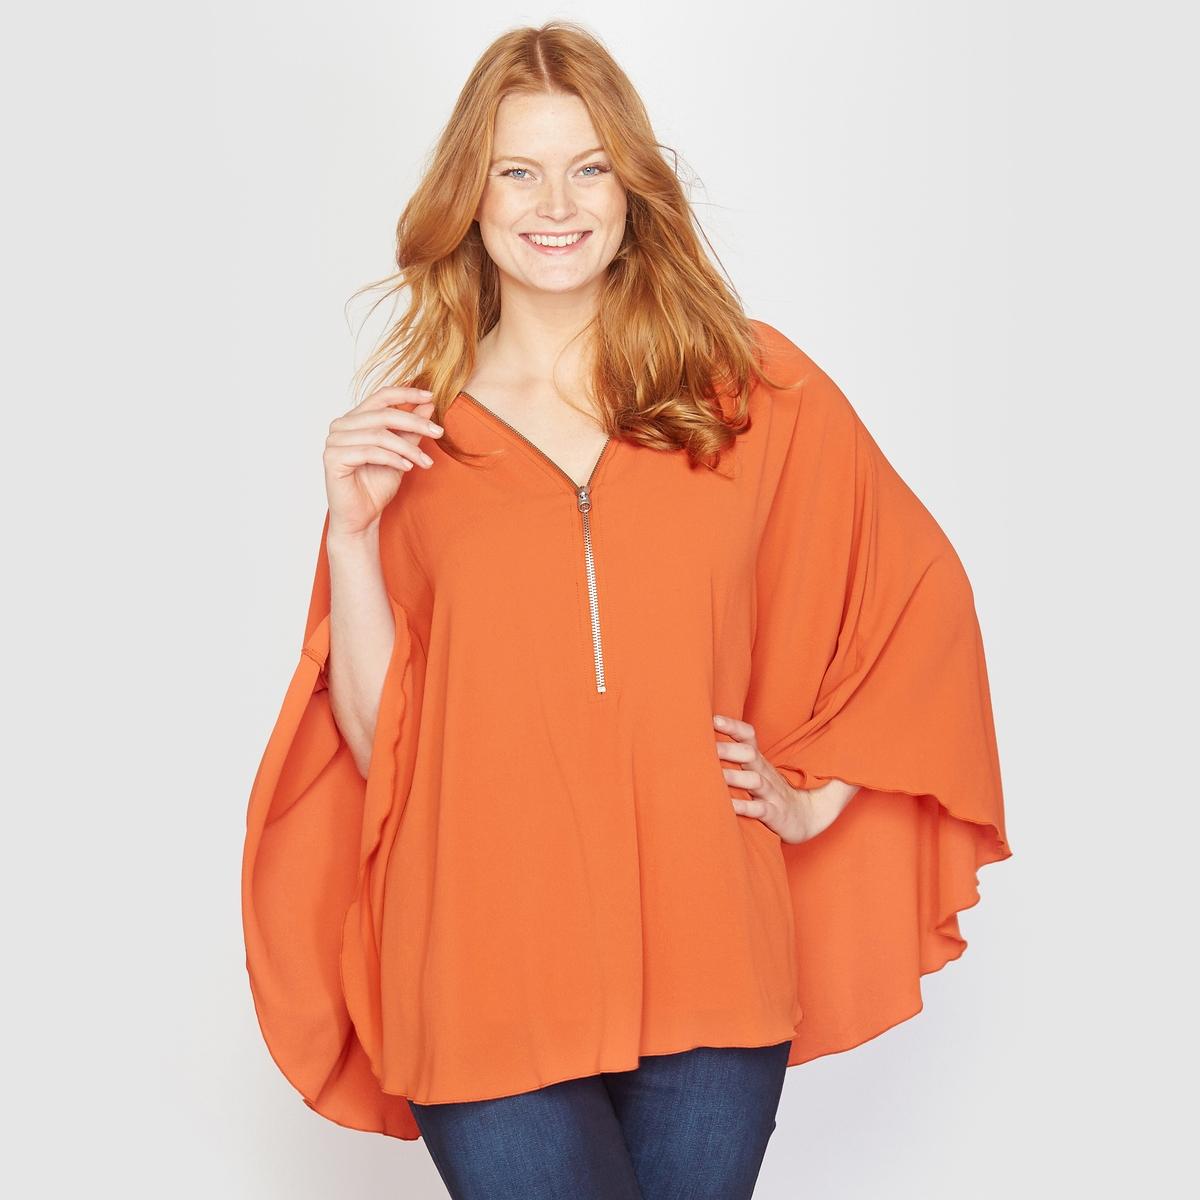 Блузка в форме накидкиБлузка. Такая женственная и удобная форма накидки с регулируемым благодаря застёжке на молнии вырезом. Из вуали,  96% полиэстера, 4% эластана, подкладка, 100% полиэстера. Длина 65 см.<br><br>Цвет: оранжевый